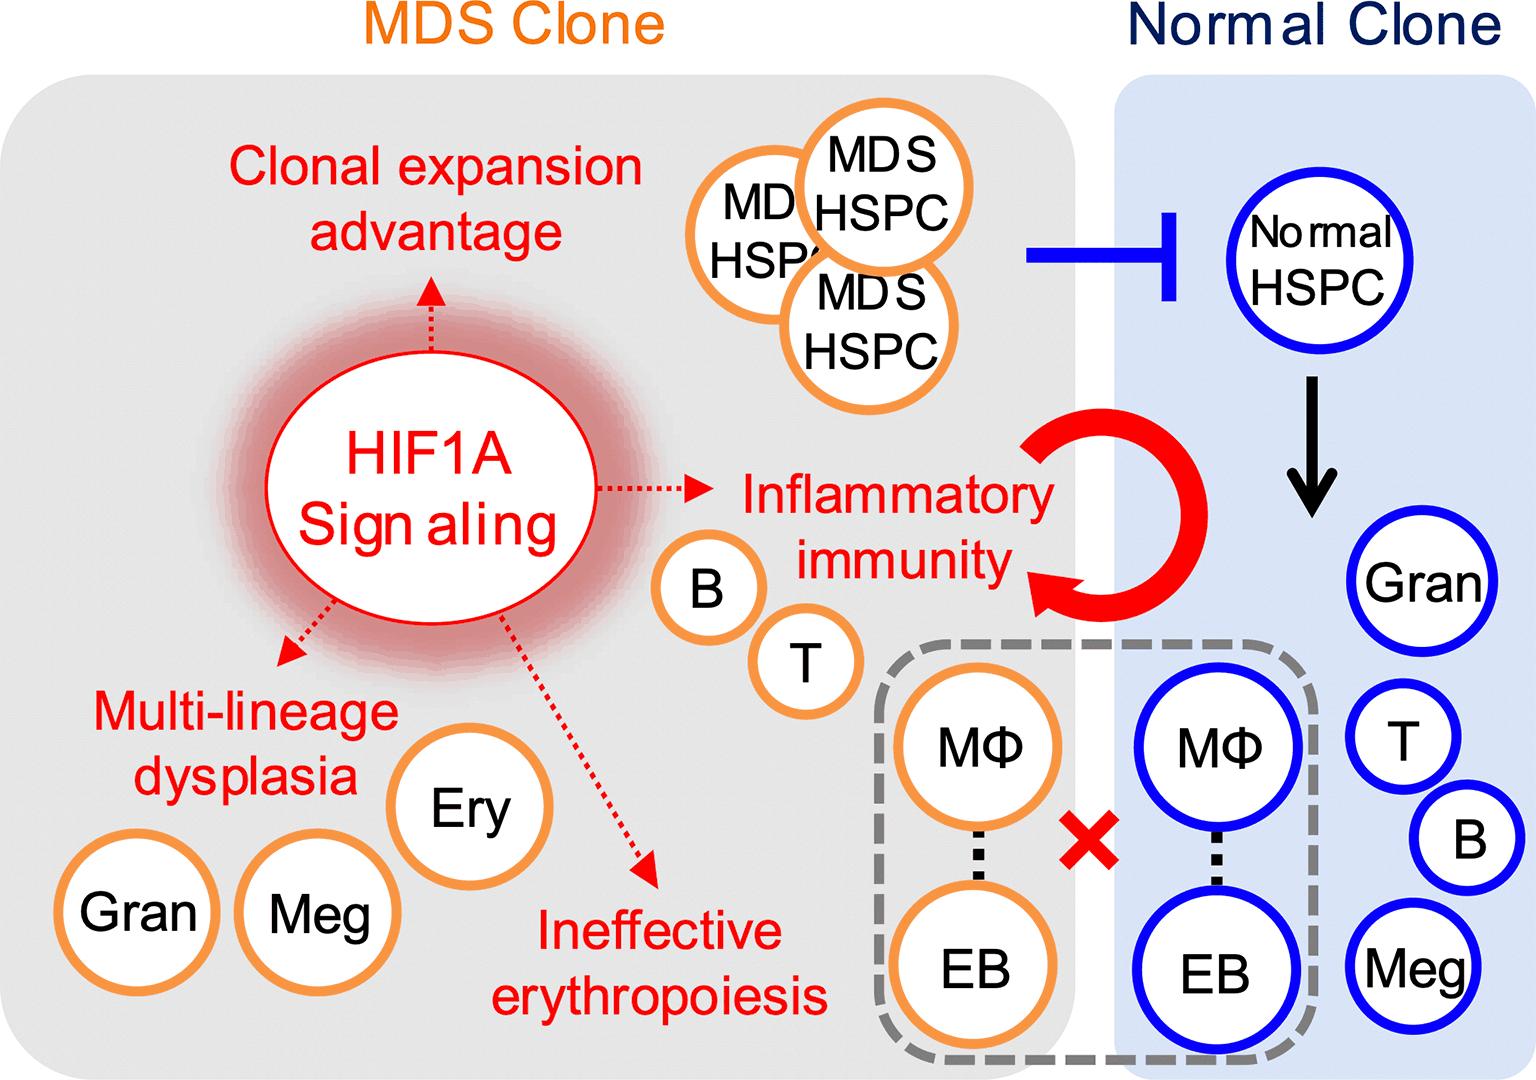 図1 Model for HIF1A signaling mediated MDS development.